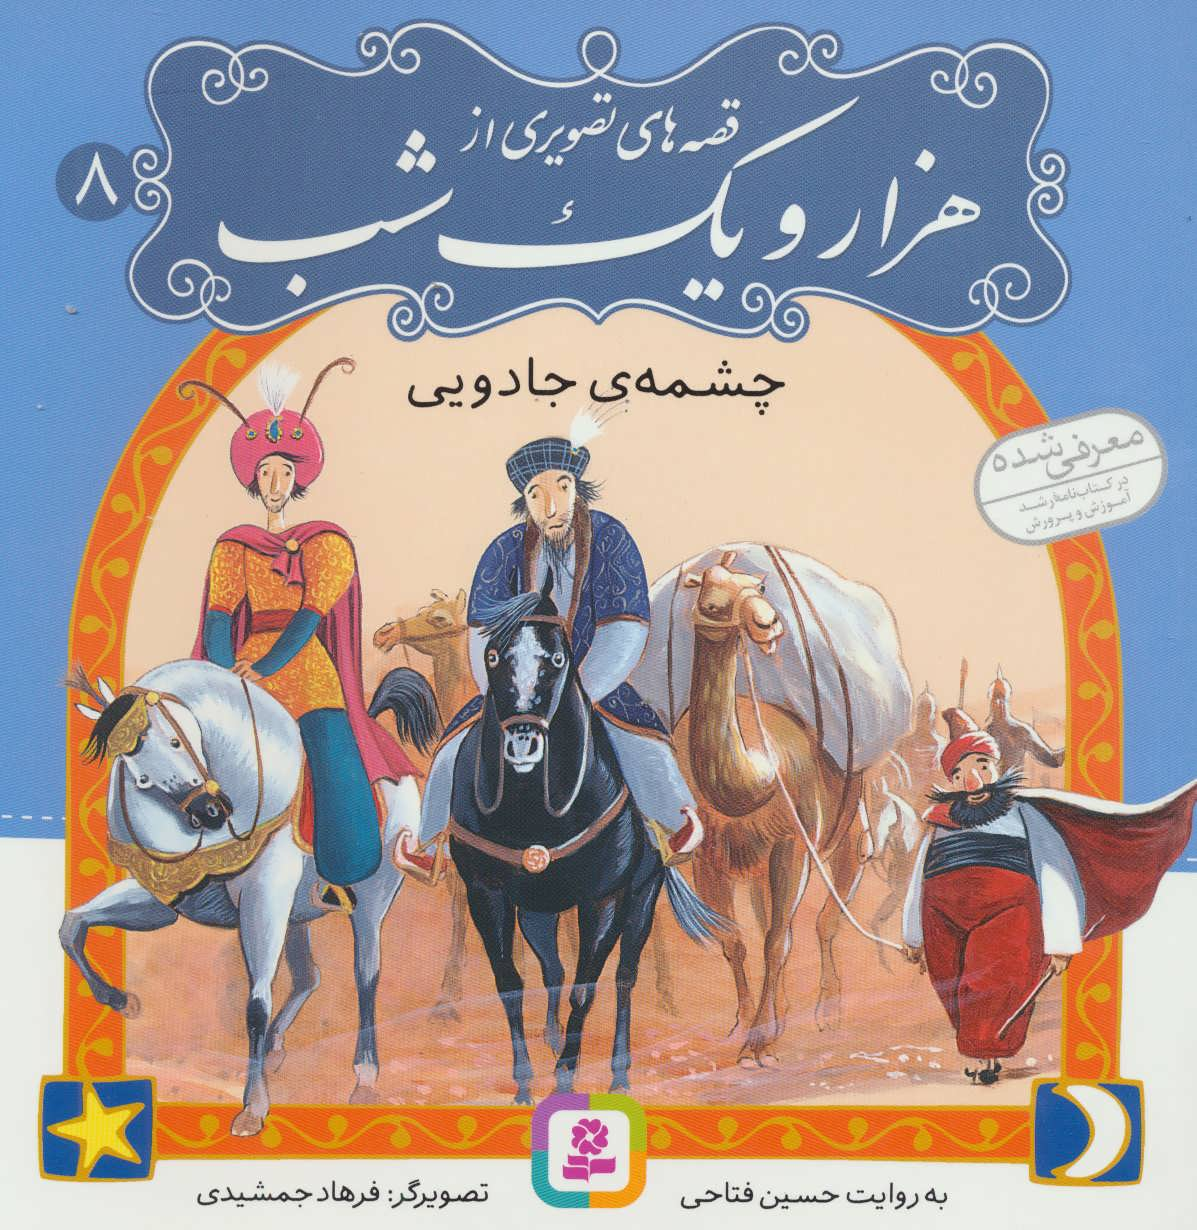 قصه هاي تصويري از هزار و يك شب 8 (چشمه ي جادويي)،(گلاسه)